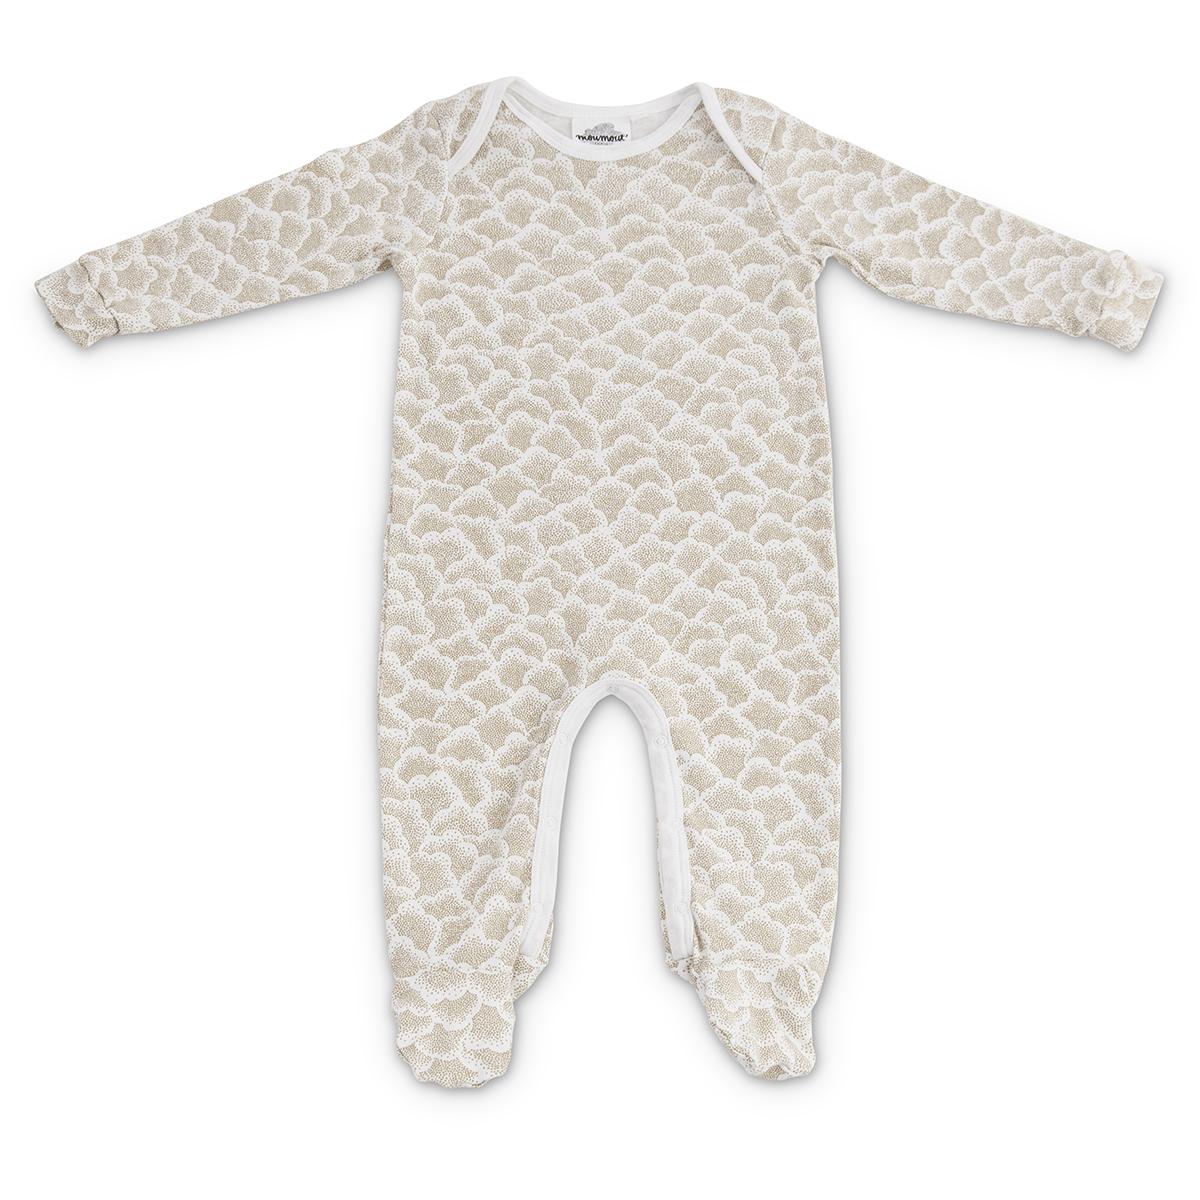 Body & Pyjama Pyjama Bobo Feet Cotton Cactus - 12 Mois Pyjama Bobo Feet Cotton Cactus - 12 Mois